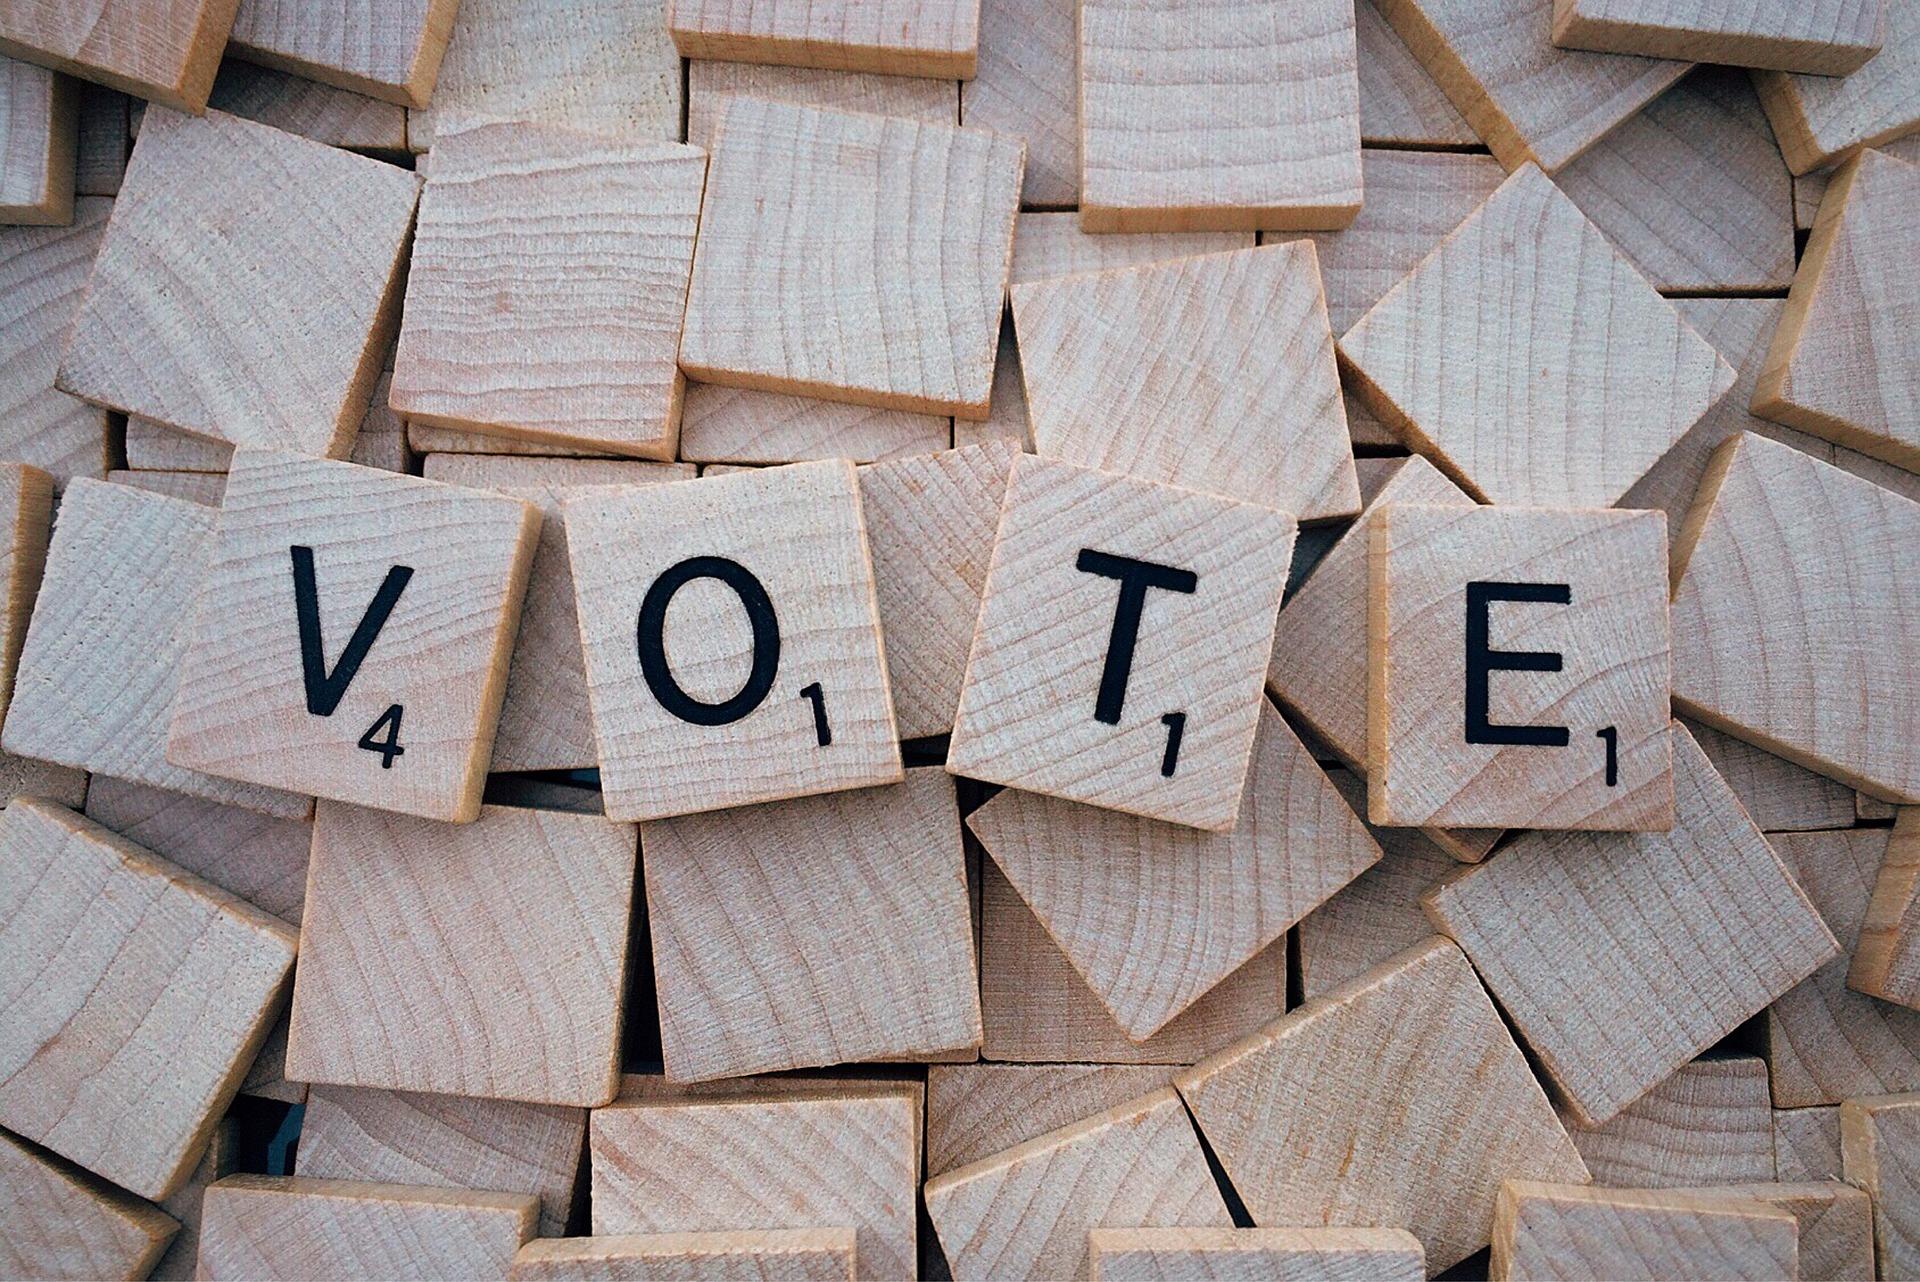 vote-1804596_1920.jpg